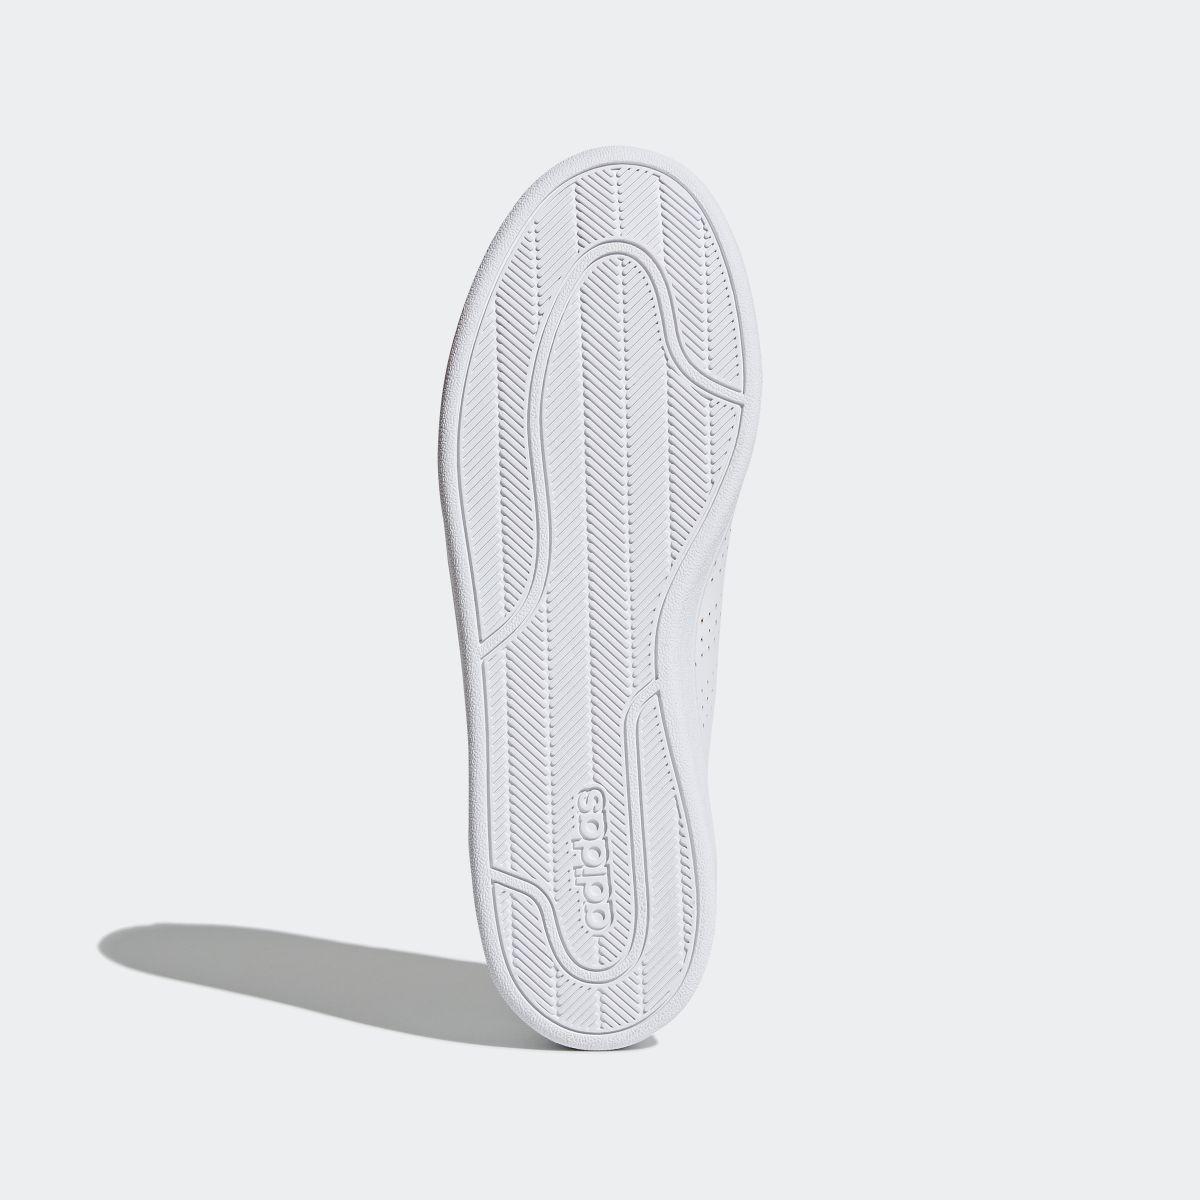 アディダス クラウドフォーム バルクリーン アドバンテージ クリーン AW3914(ランニングホワイト)の商品画像 3